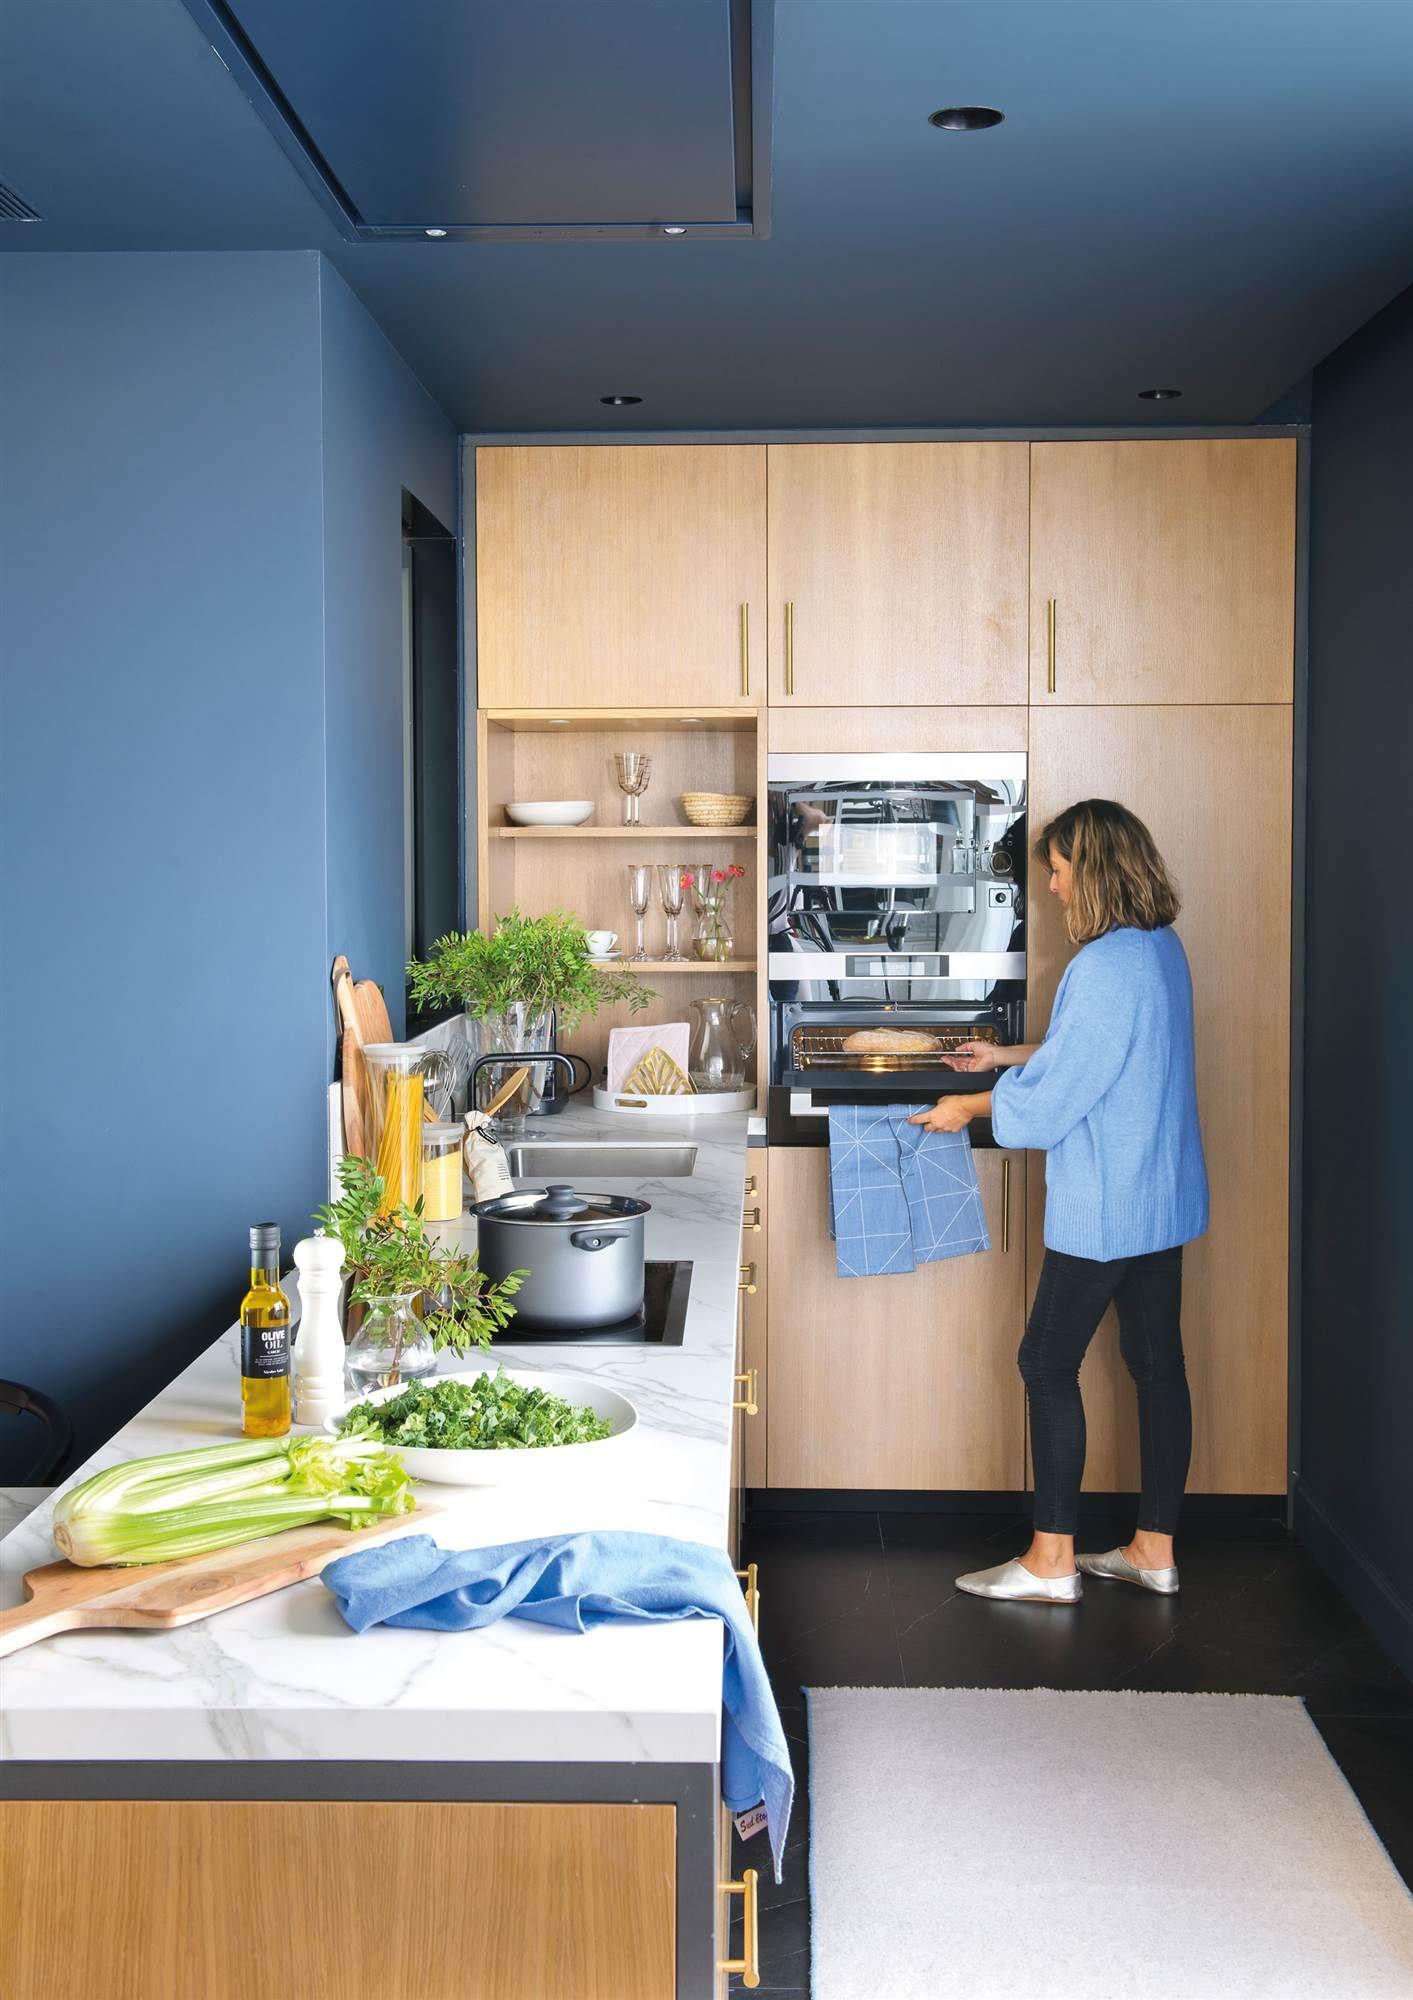 Cocina con paredes y techo en azul y muebles de madera  elmueble  ideas   ef7675cfe8b0